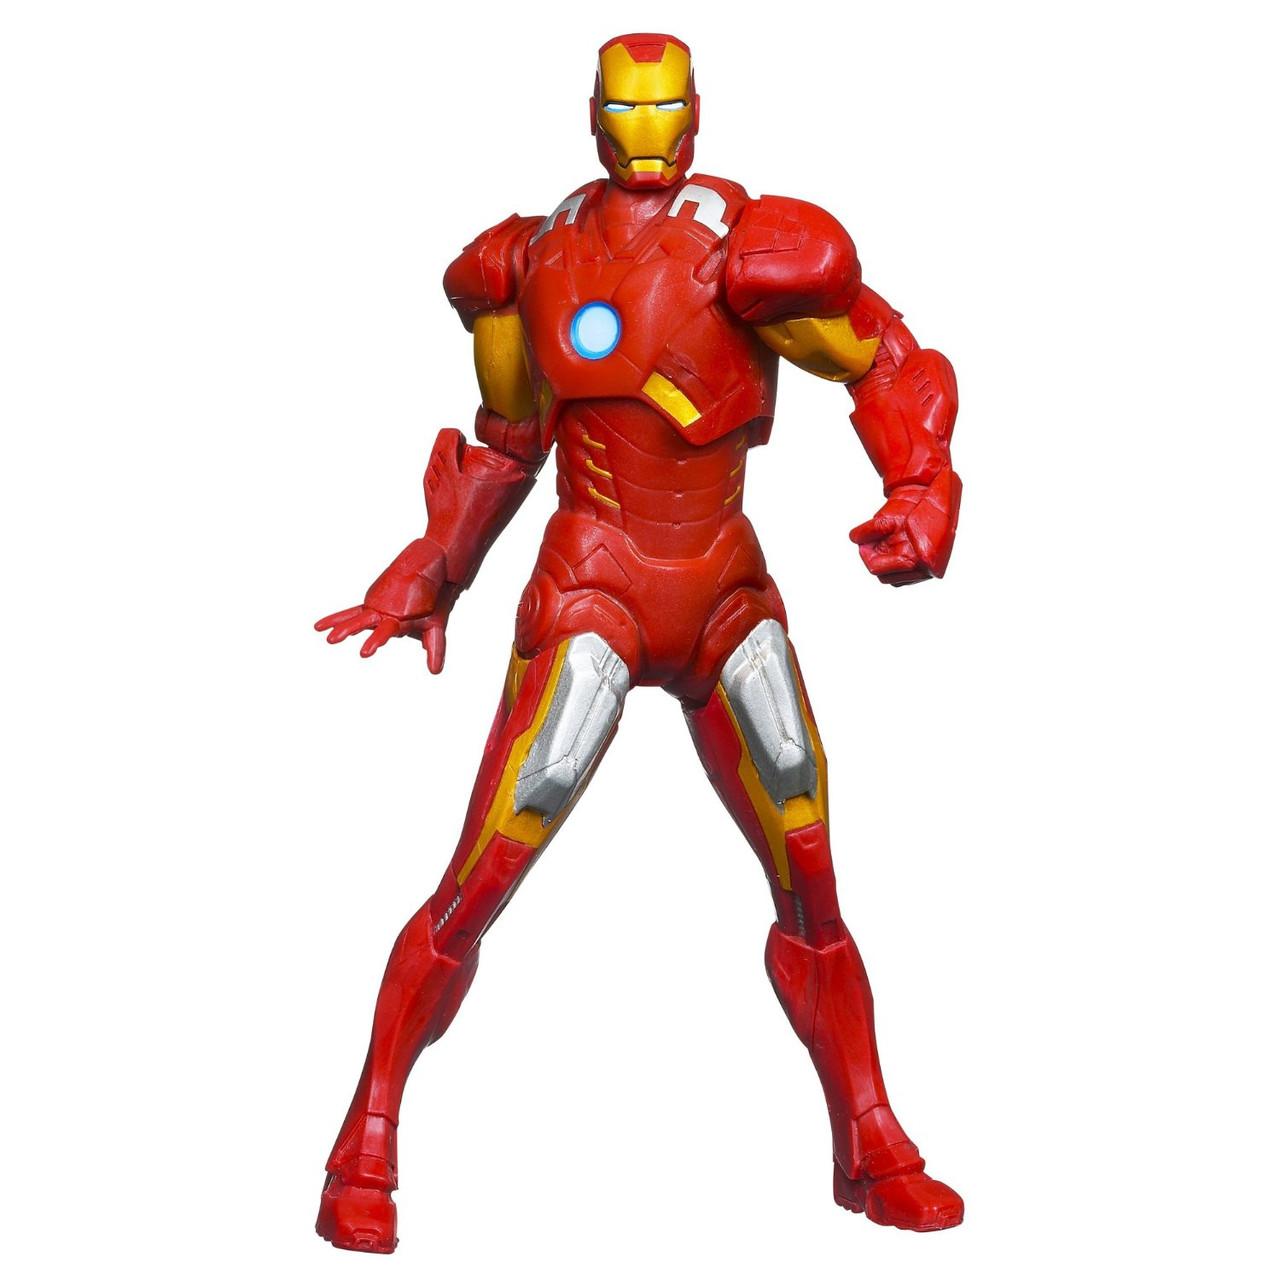 Фигурка Марвел Железный человек (Marvel The Avengers Mighty Battlers Repulsor Battling Iron Man)